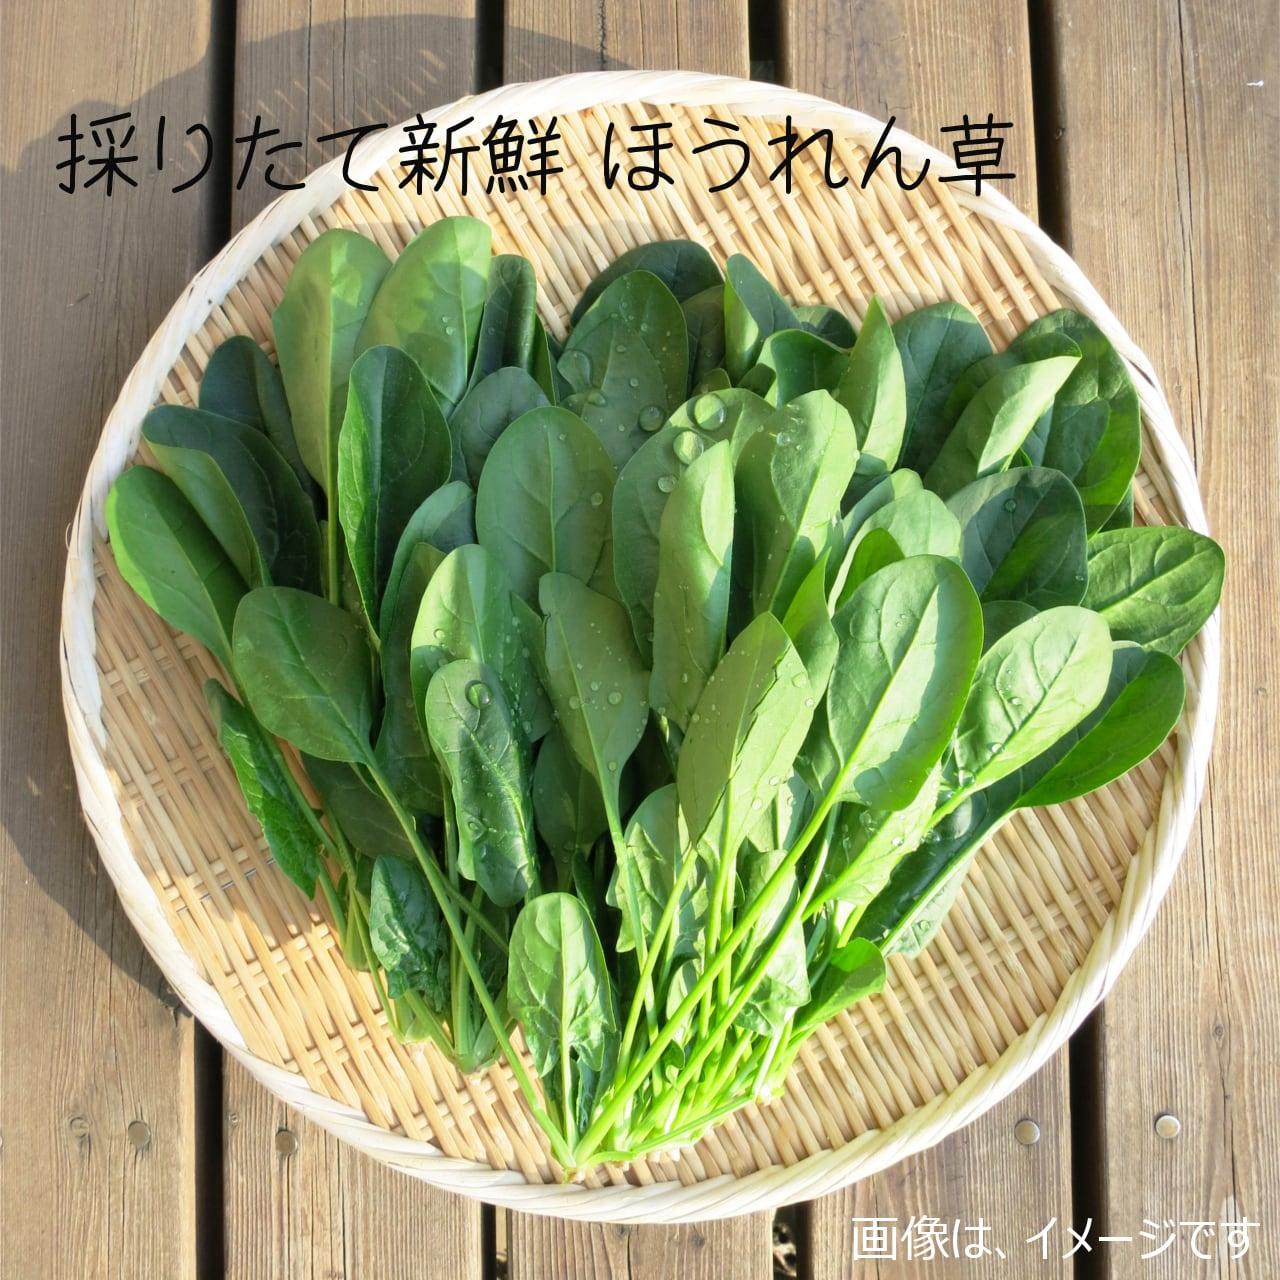 新鮮な冬野菜 : ホウレンソウ 約400g 11月の朝採り直売野菜 11月28日発送予定